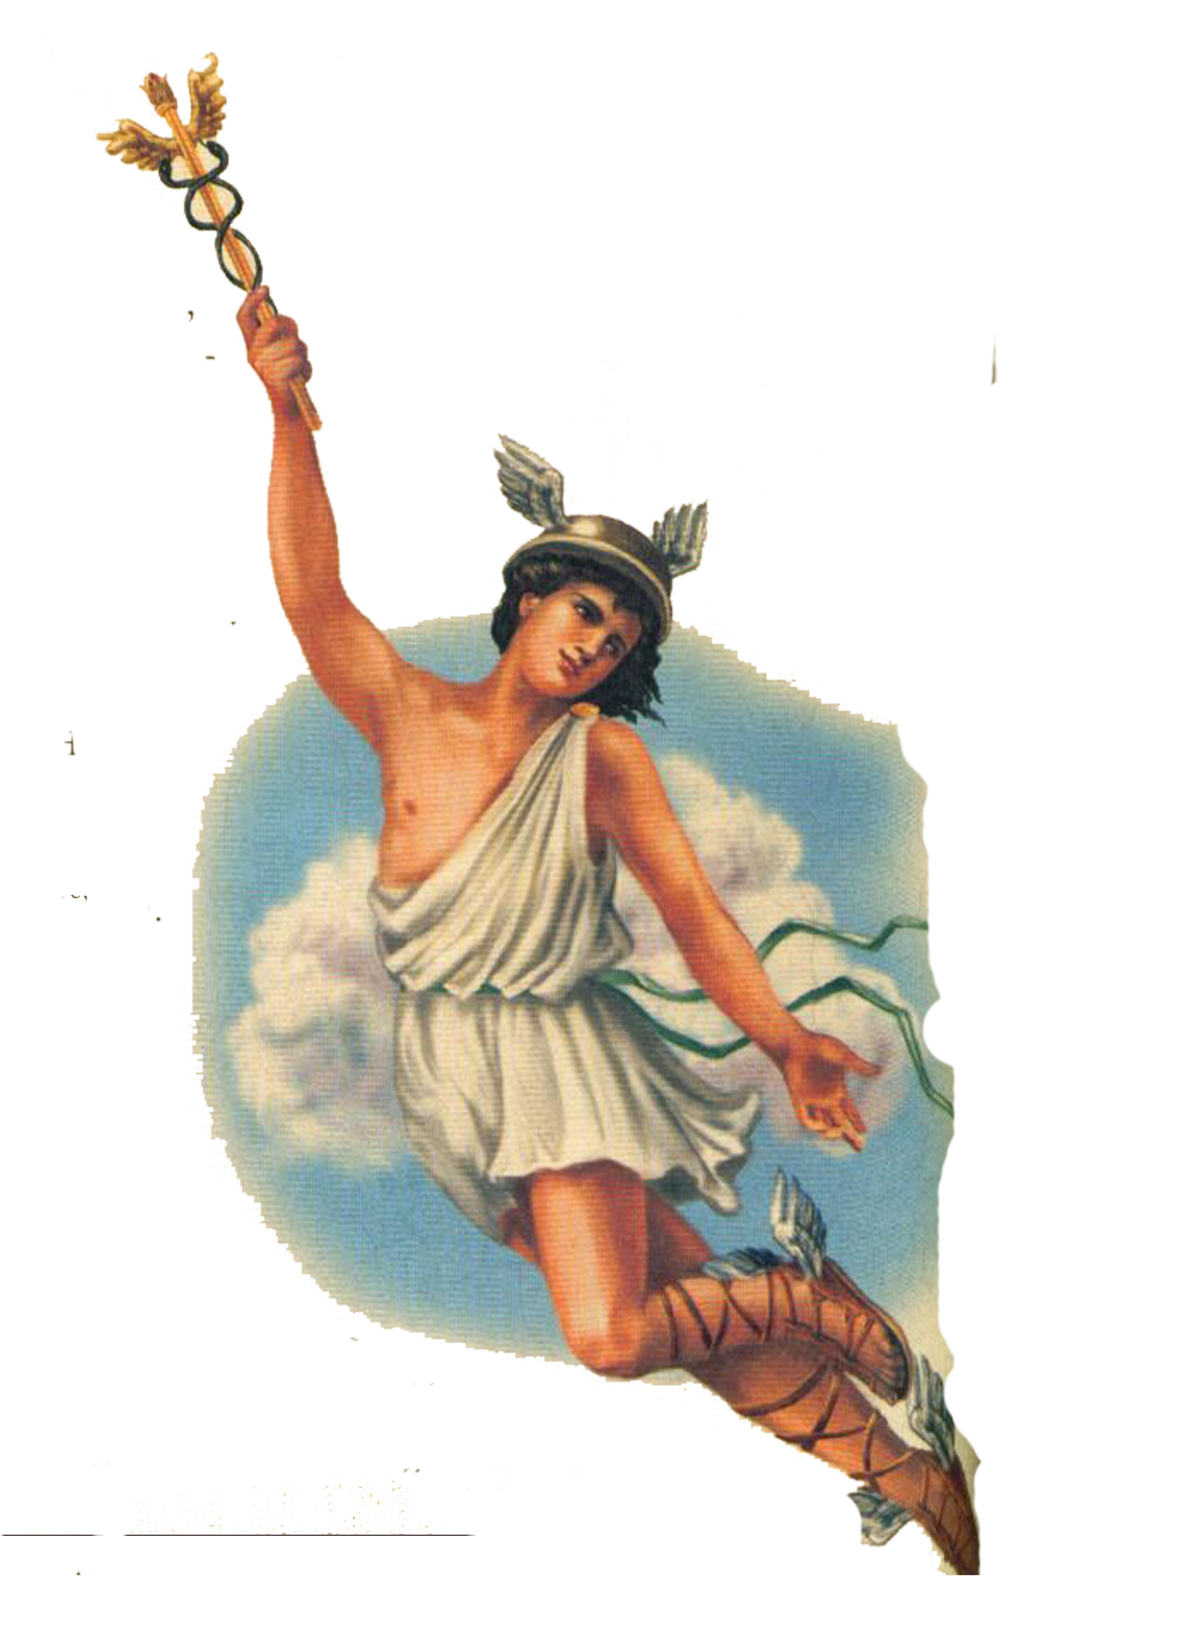 поделиться древнегреческий бог гермес картинки приготовить блюда сковороде